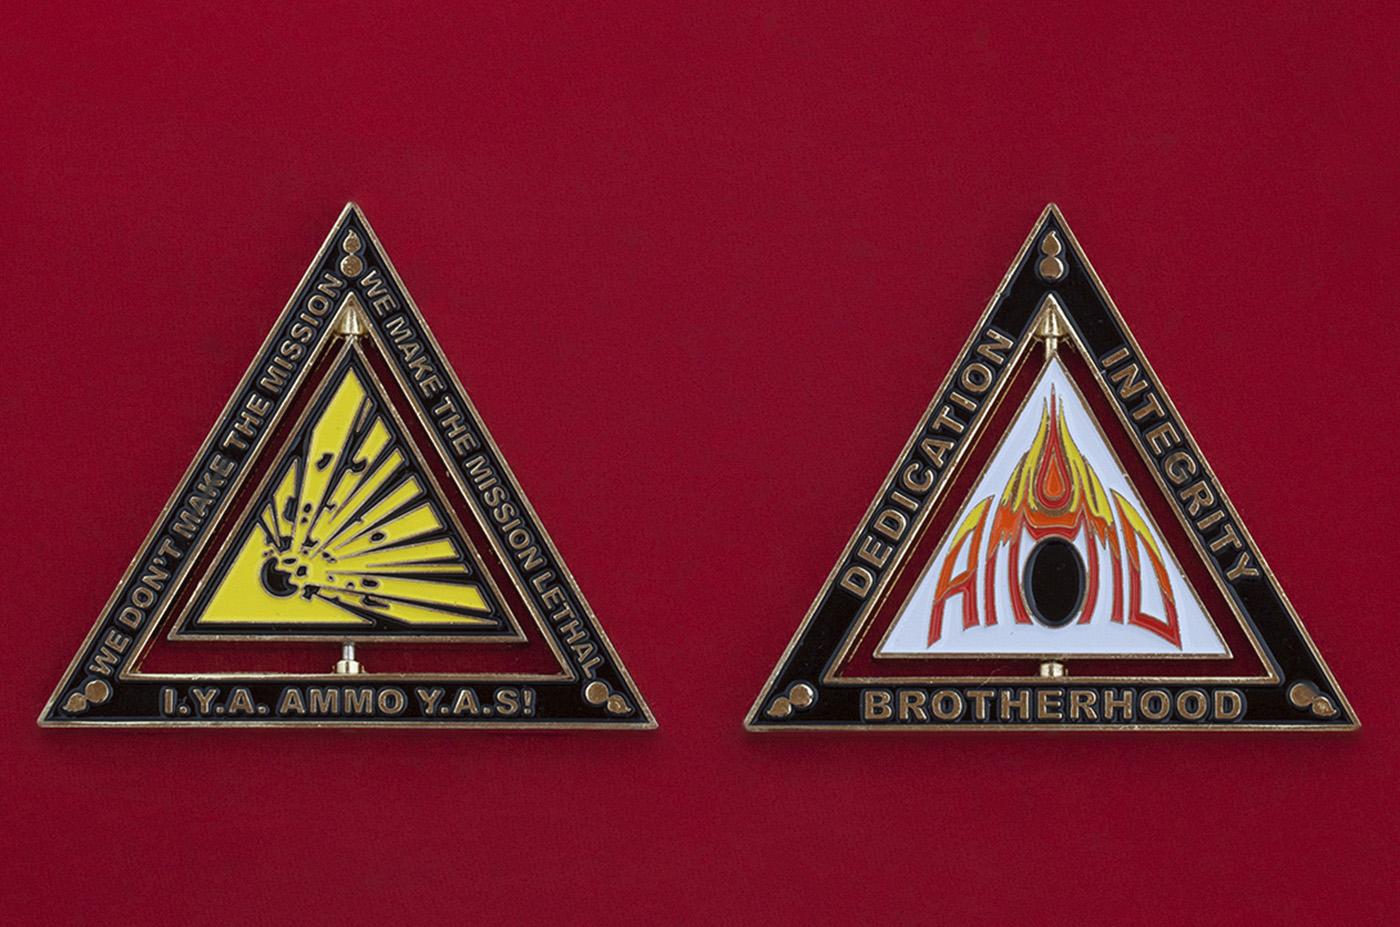 Челлендж коин сообщества специалистов по ракетно-артиллерийскому вооружения ВС США